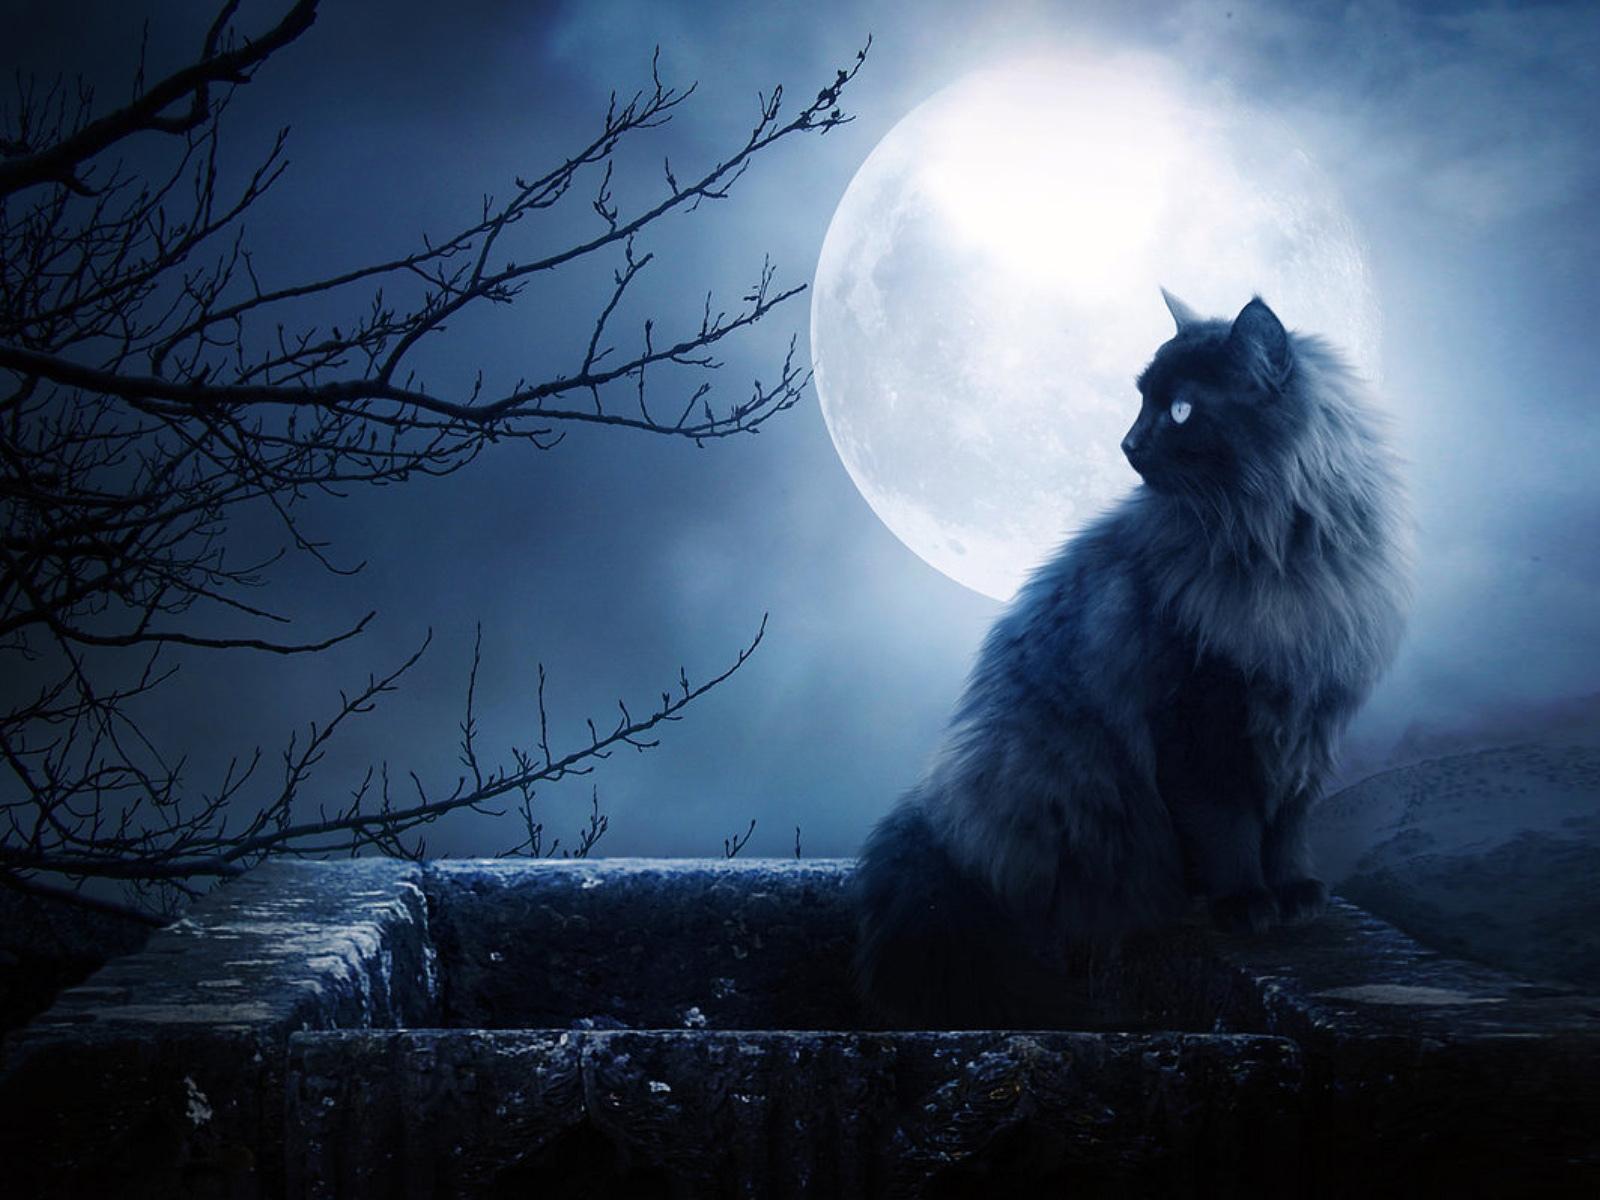 免费下载月球, 猫, 动物手机壁纸。